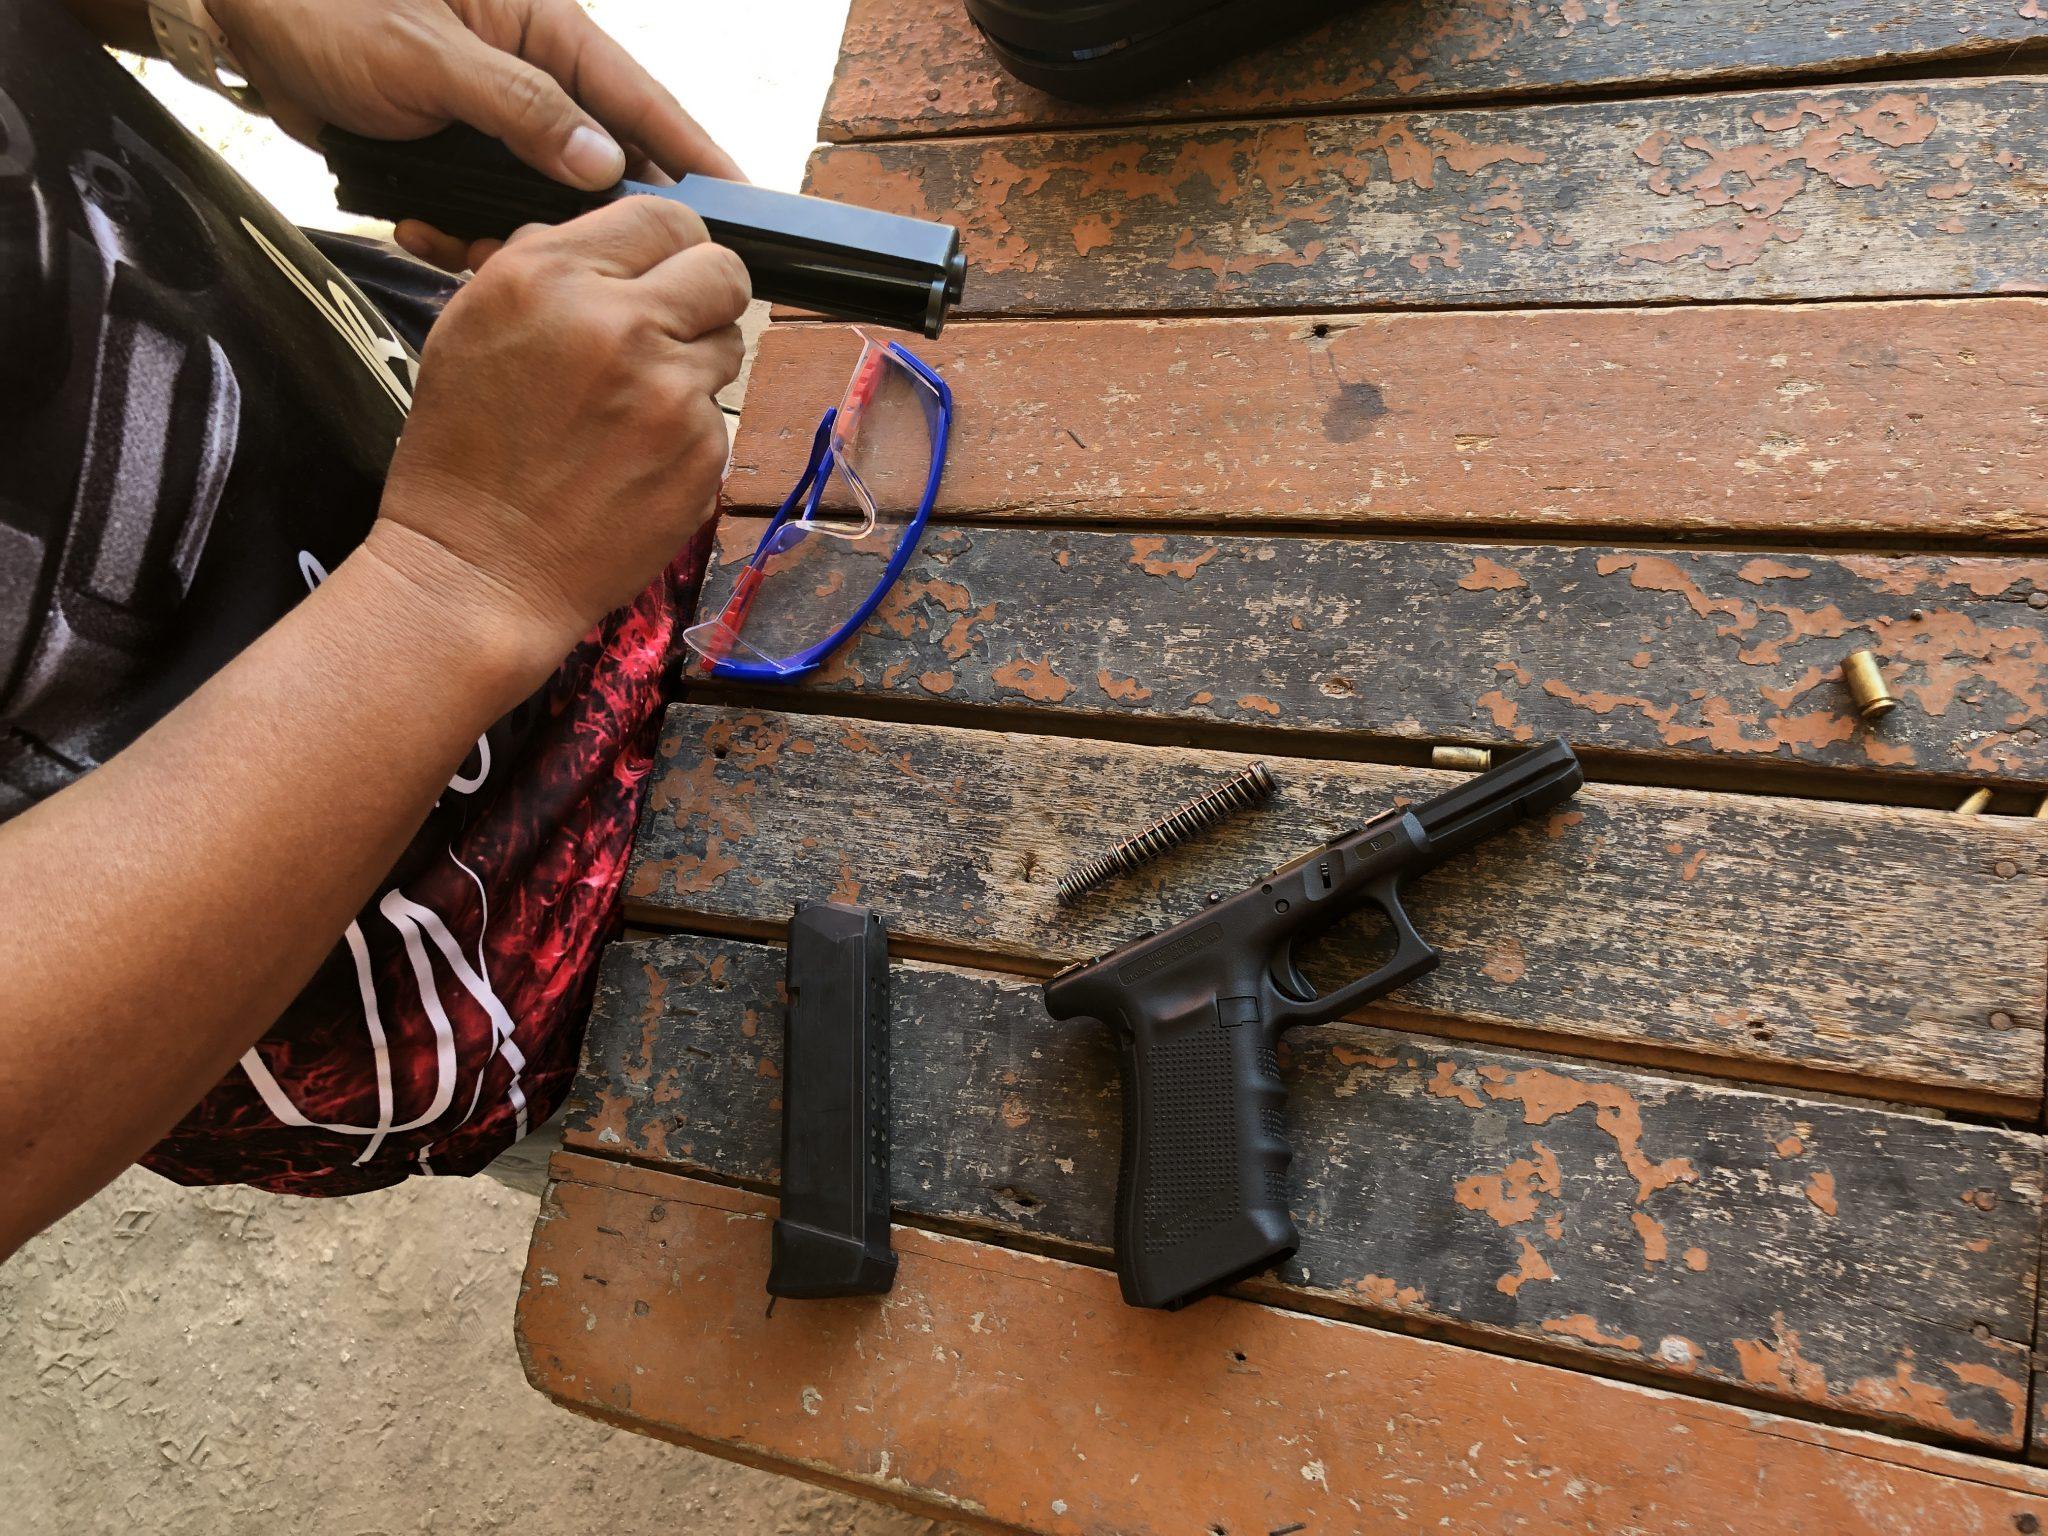 68CDCD4D D5E3 404B B789 A2CD54B8CEAC - フィリピンで実弾射撃part2